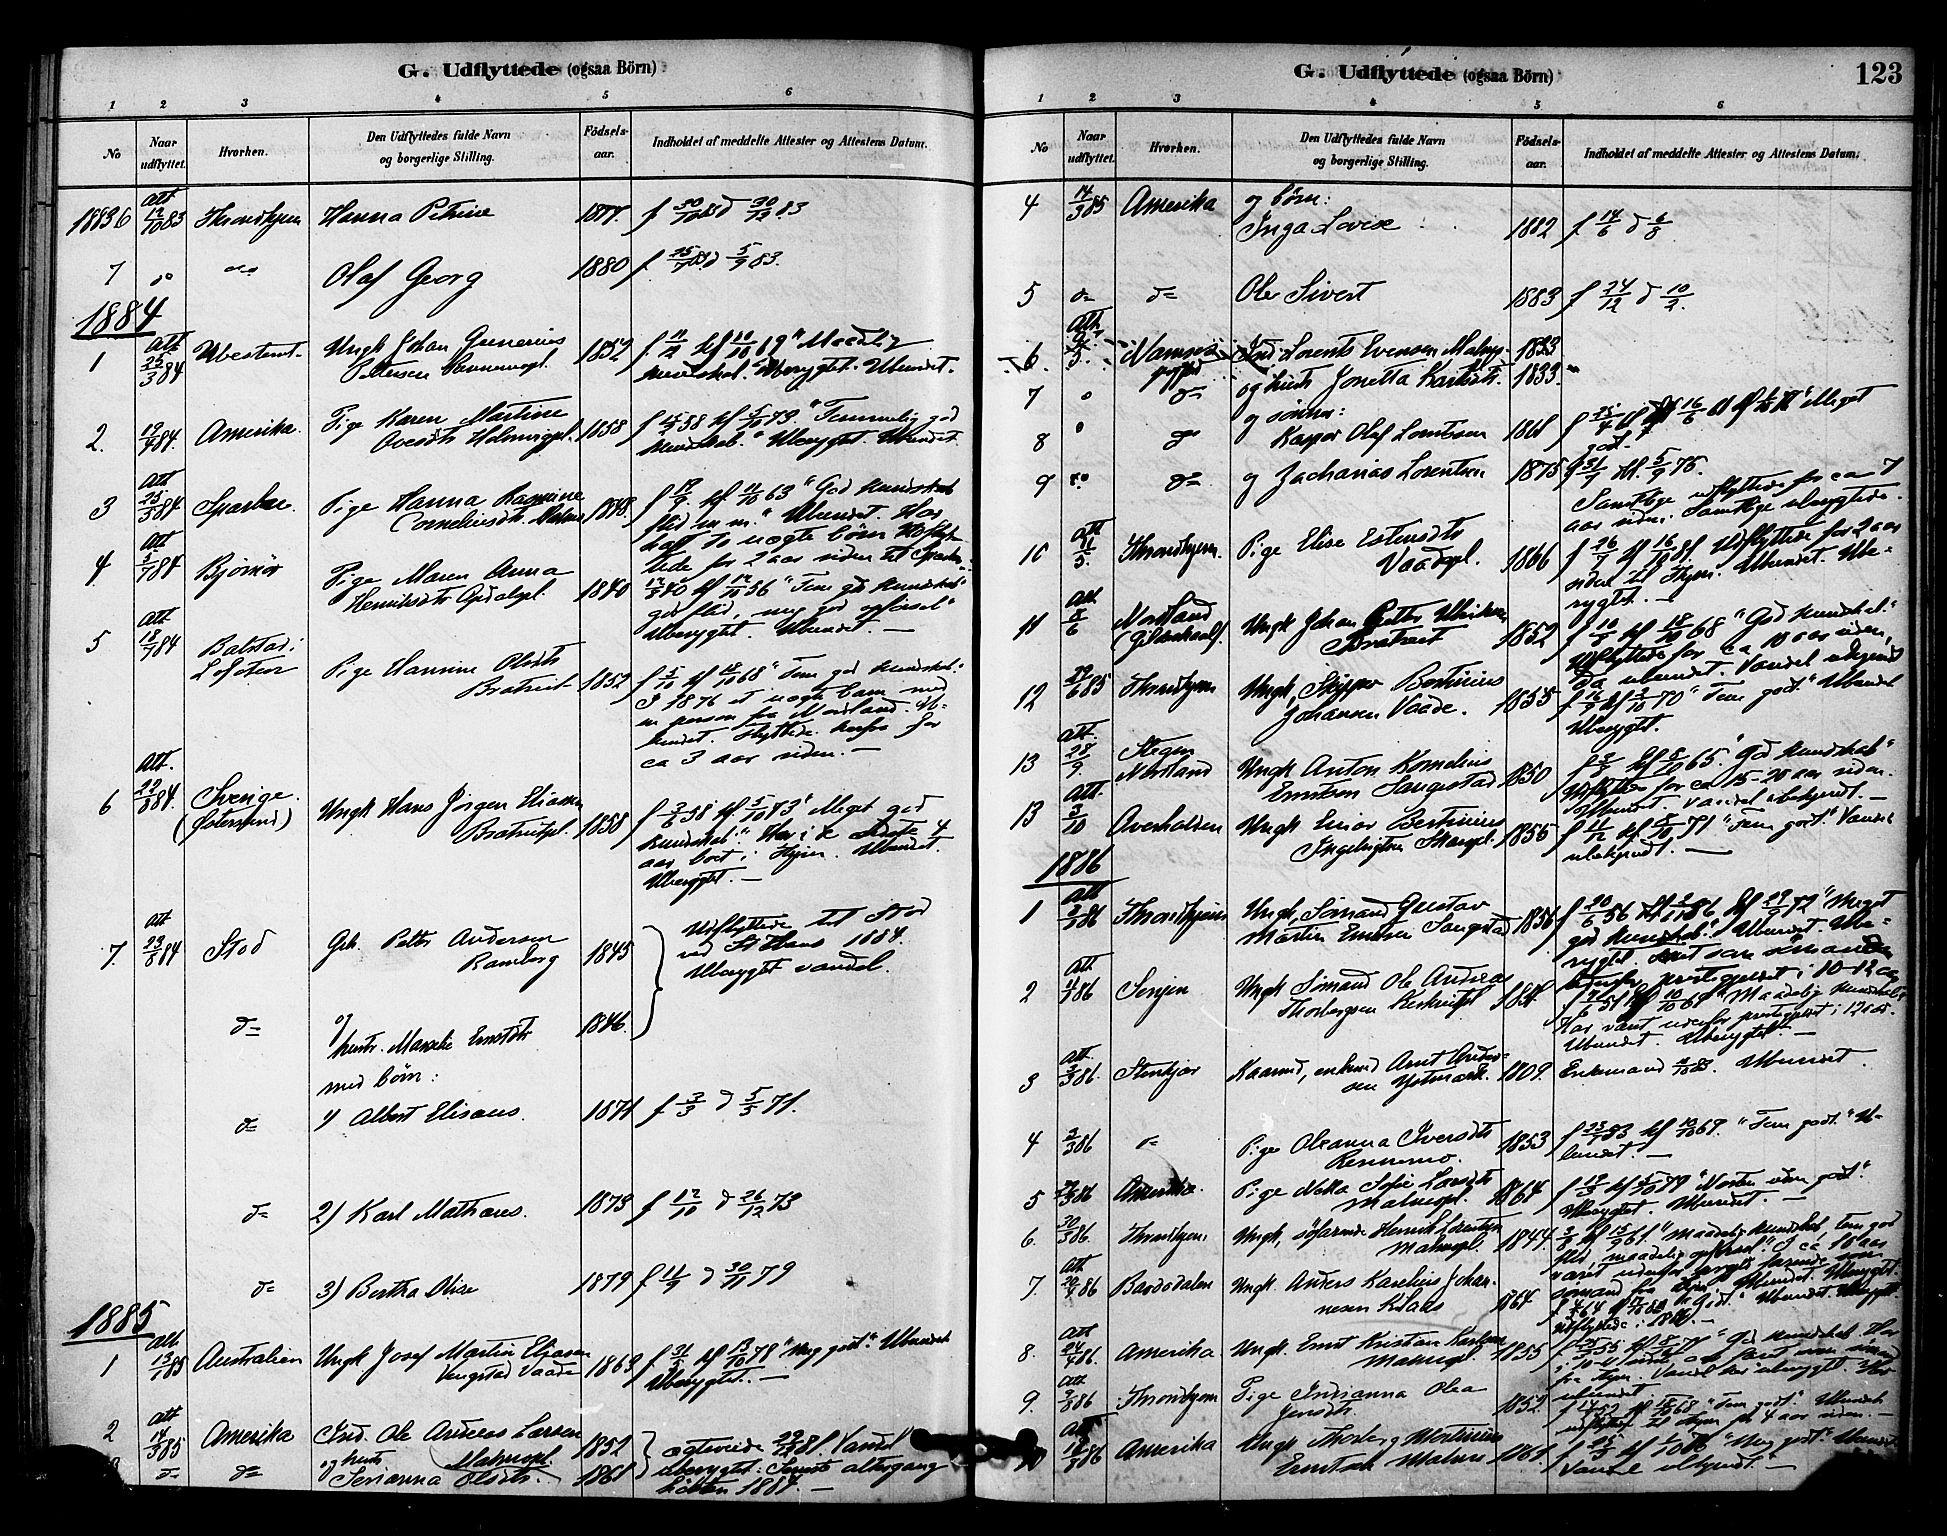 SAT, Ministerialprotokoller, klokkerbøker og fødselsregistre - Nord-Trøndelag, 745/L0429: Ministerialbok nr. 745A01, 1878-1894, s. 123